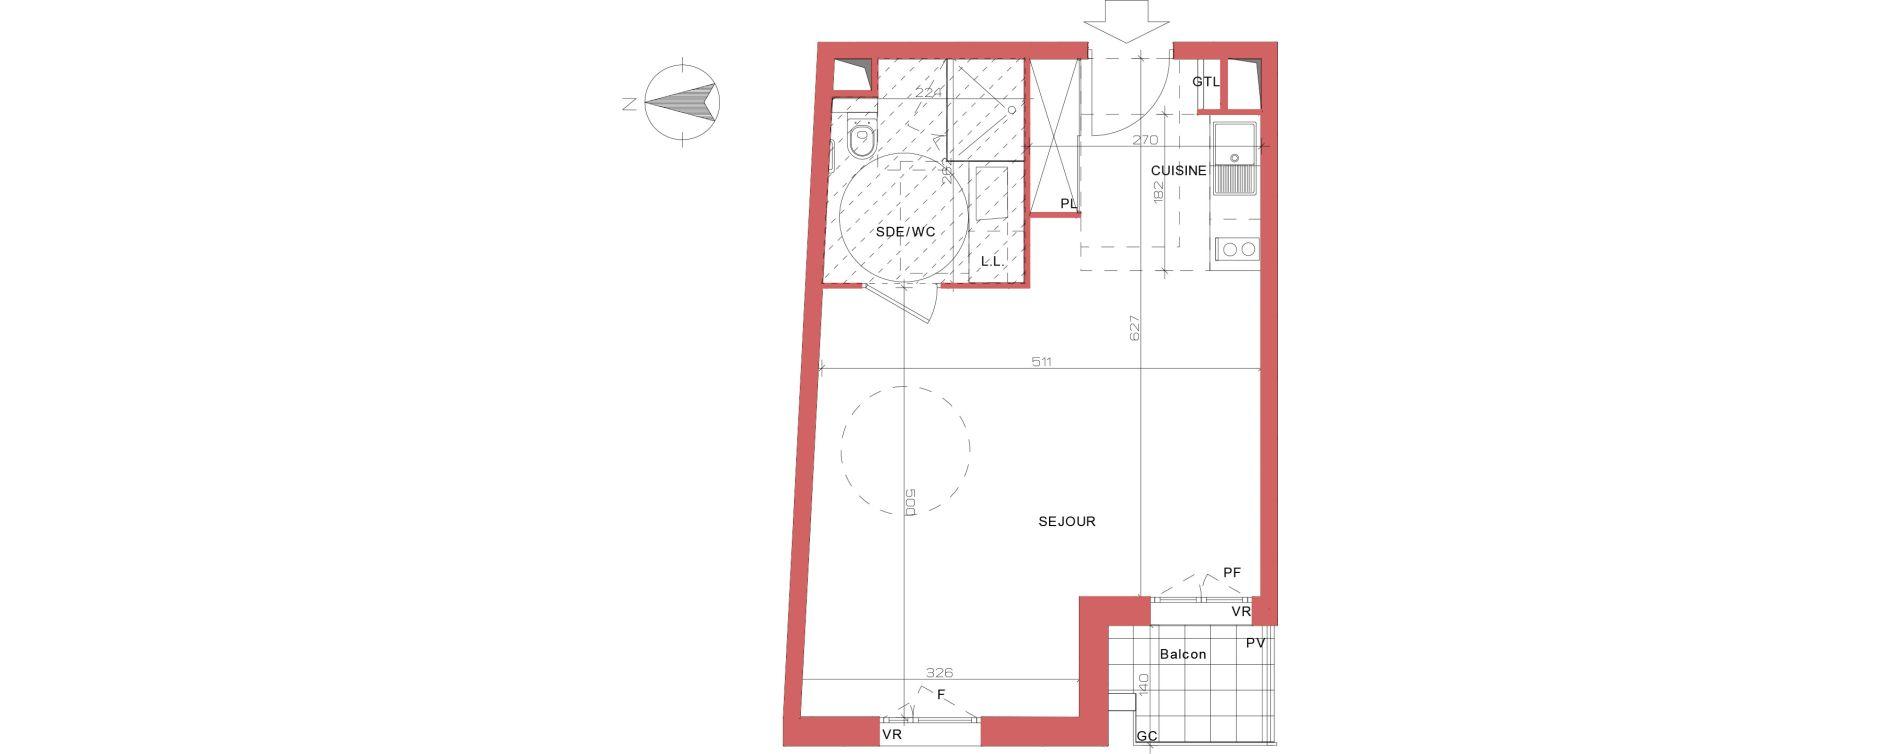 Appartement T1 meublé de 35,75 m2 à Villepinte La pépinière